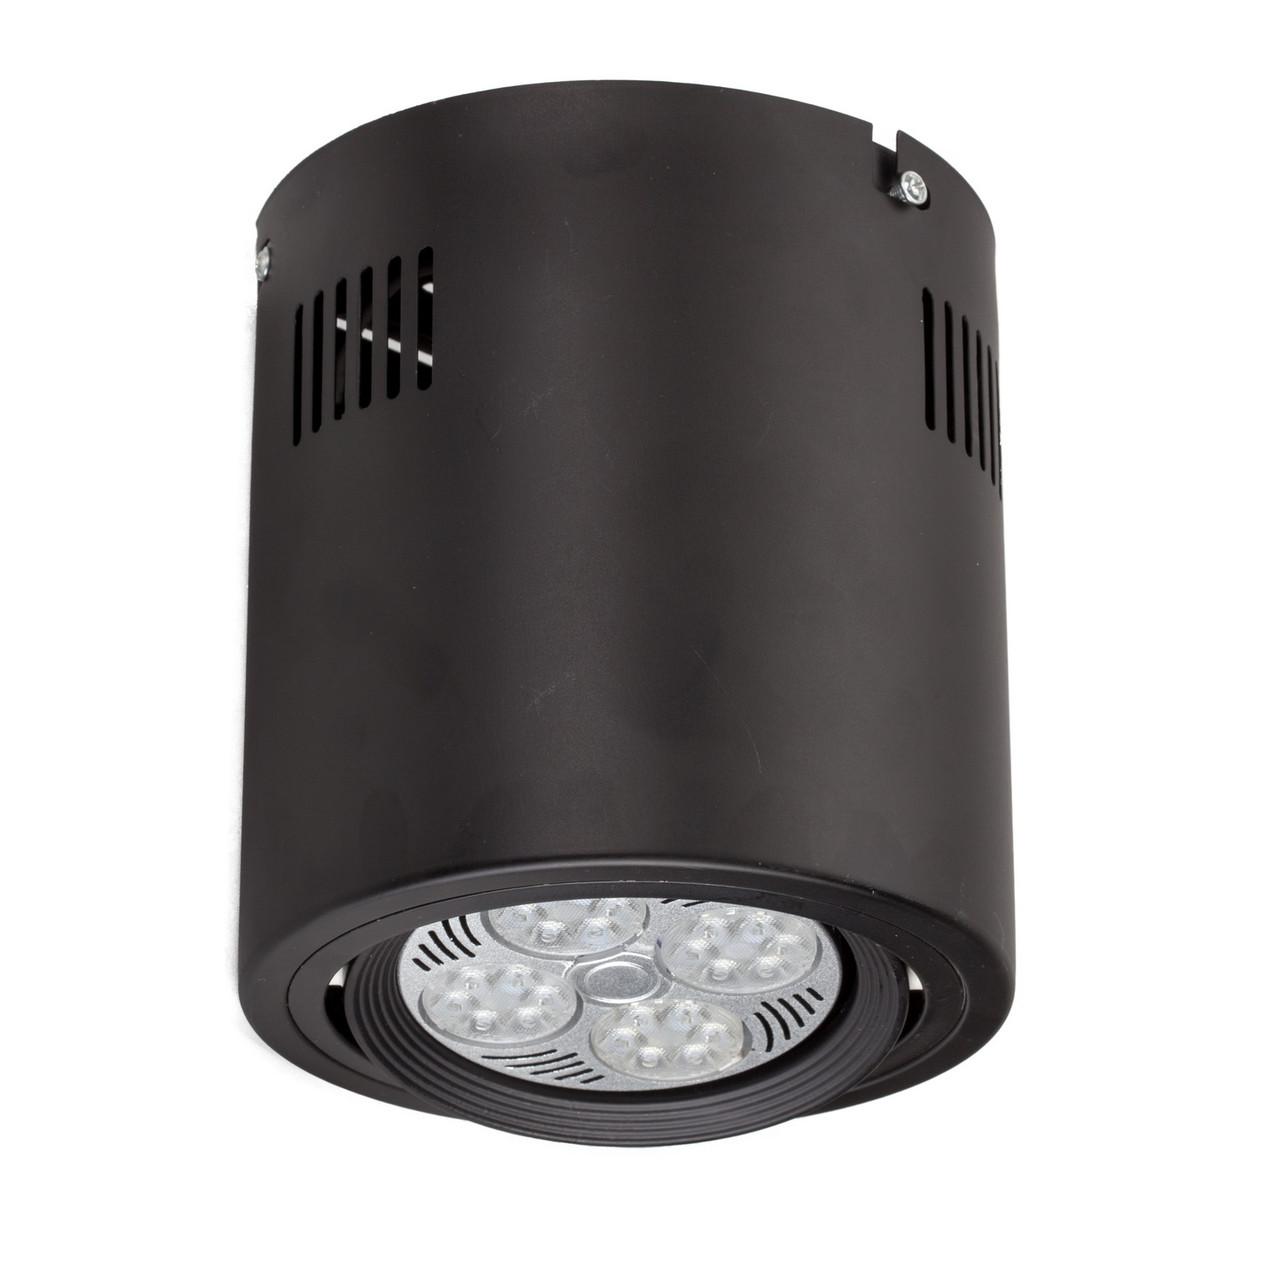 Накладной светодиодный светильник LD-35W LED PAR30 E27(в комплекте), потолочный цилиндр